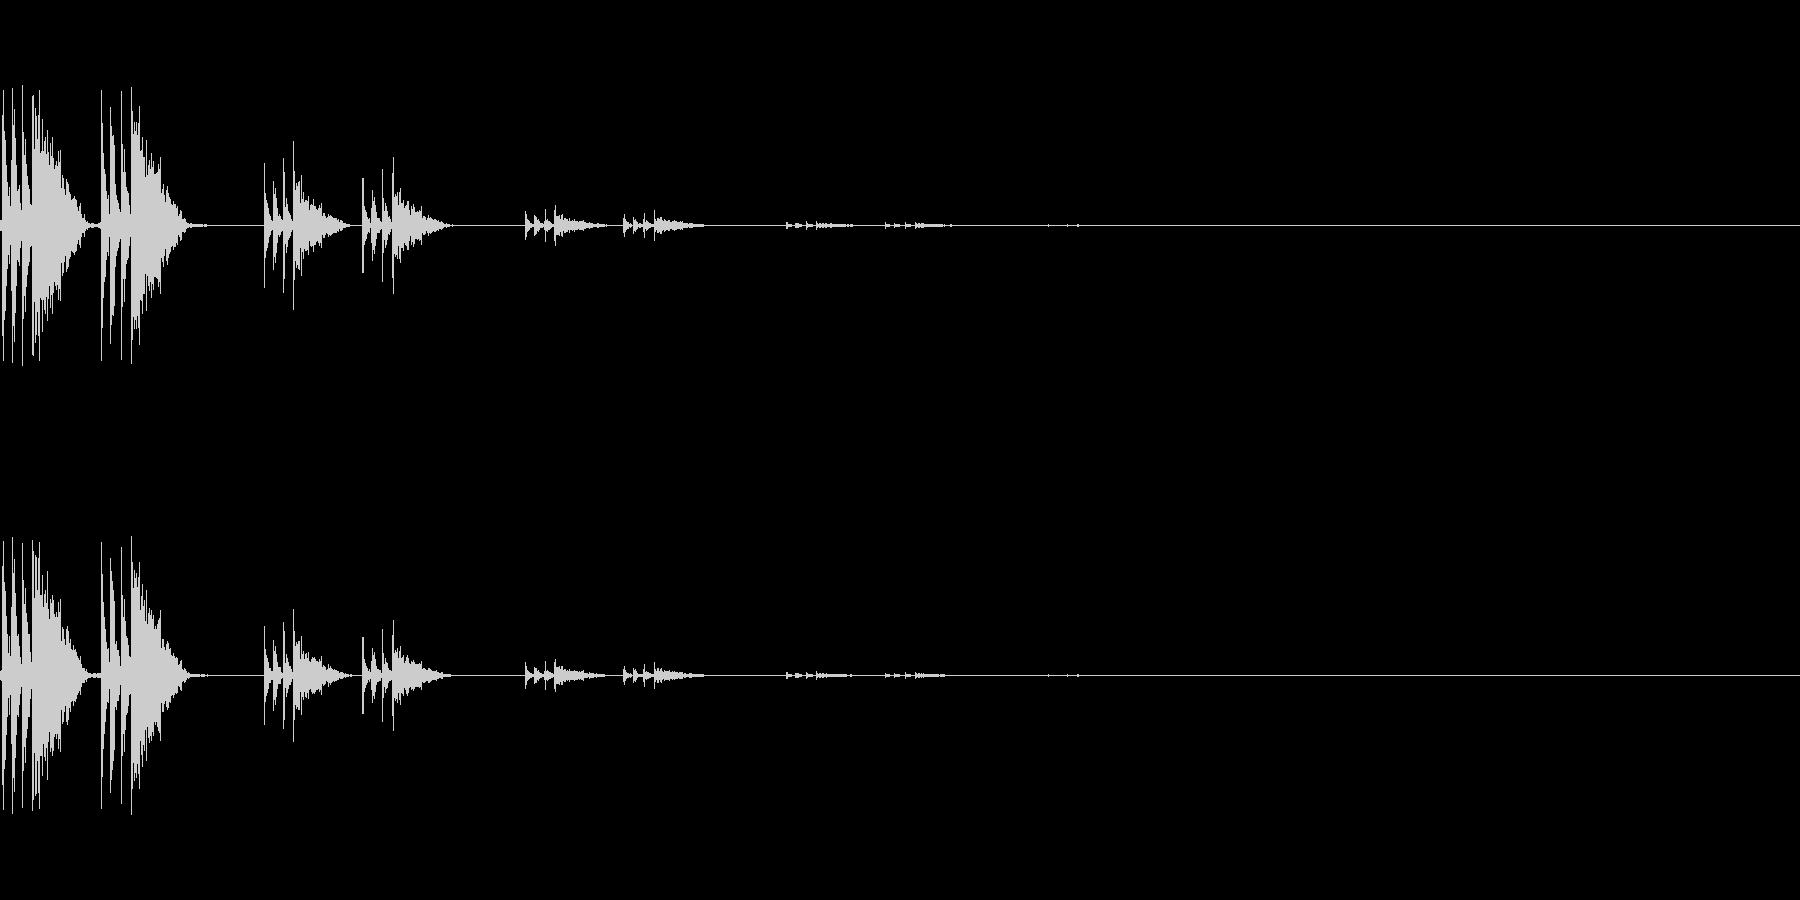 【アクセント04-4】の未再生の波形